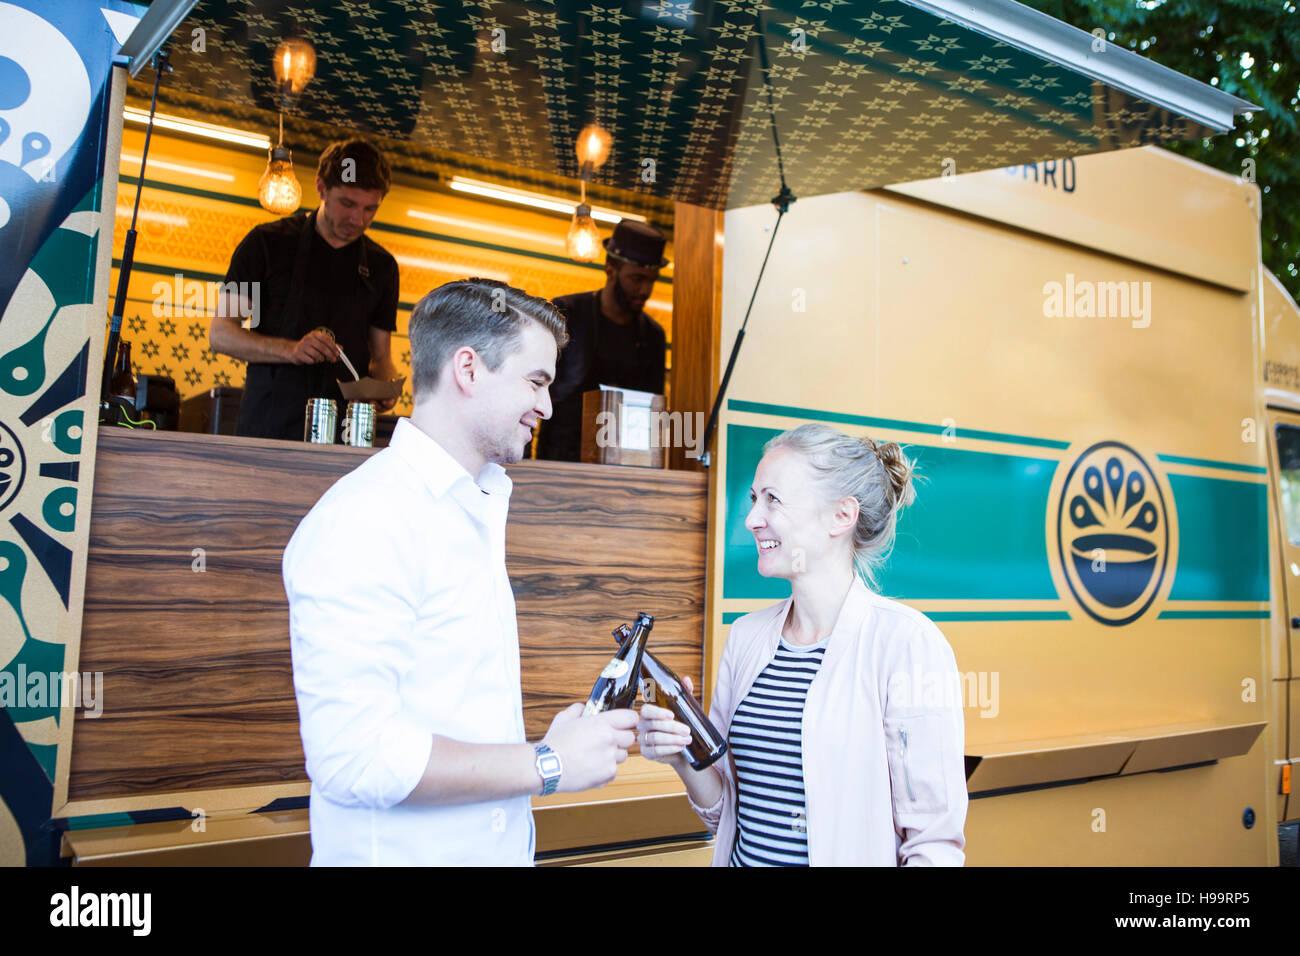 Les clients de boire une bière en face de camion alimentaire Banque D'Images